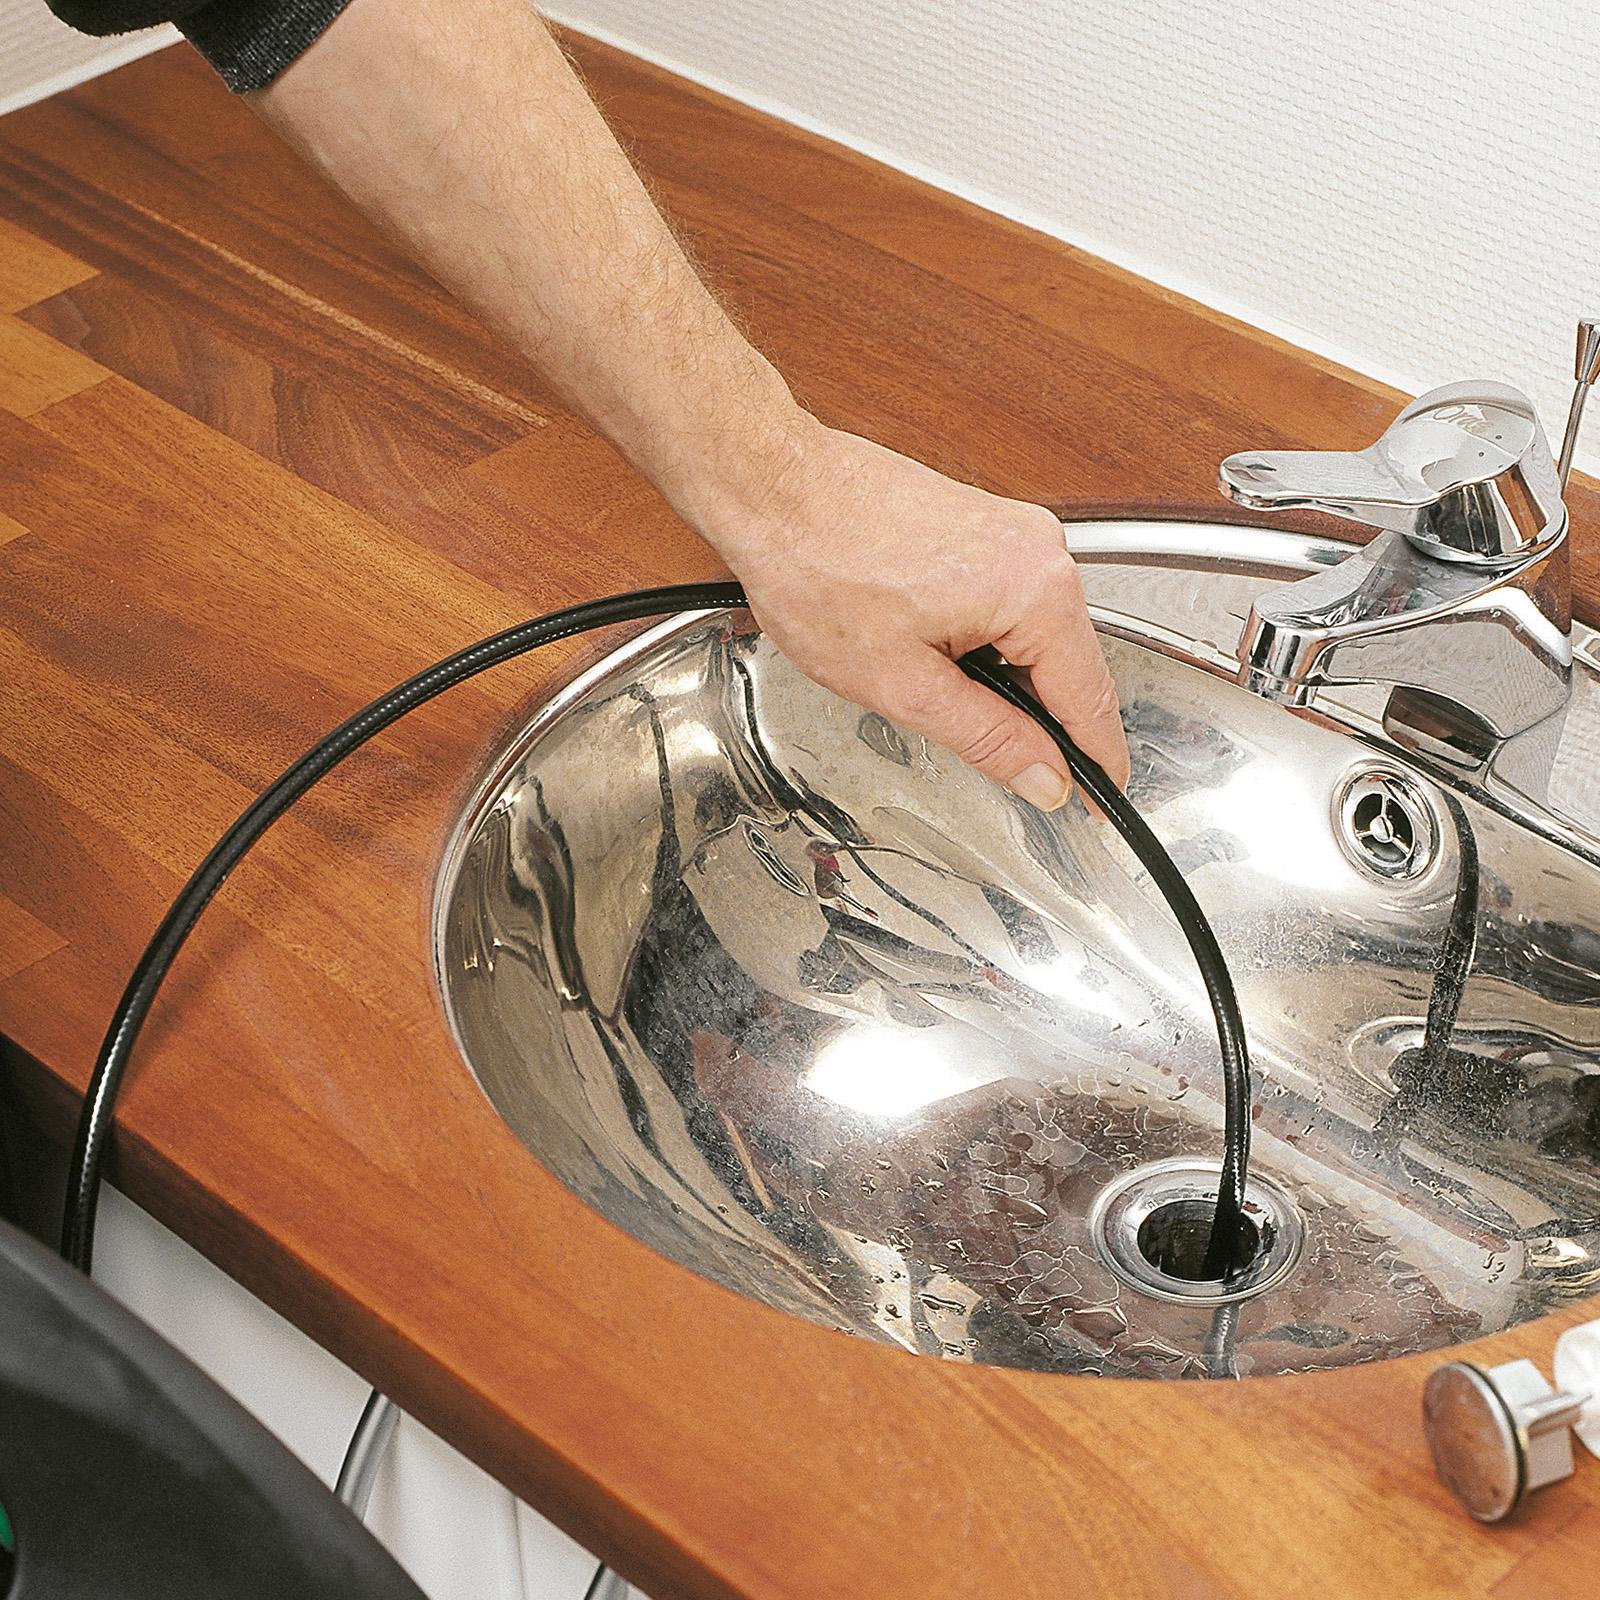 Gerni Drain and Tube Cleaner - Sink